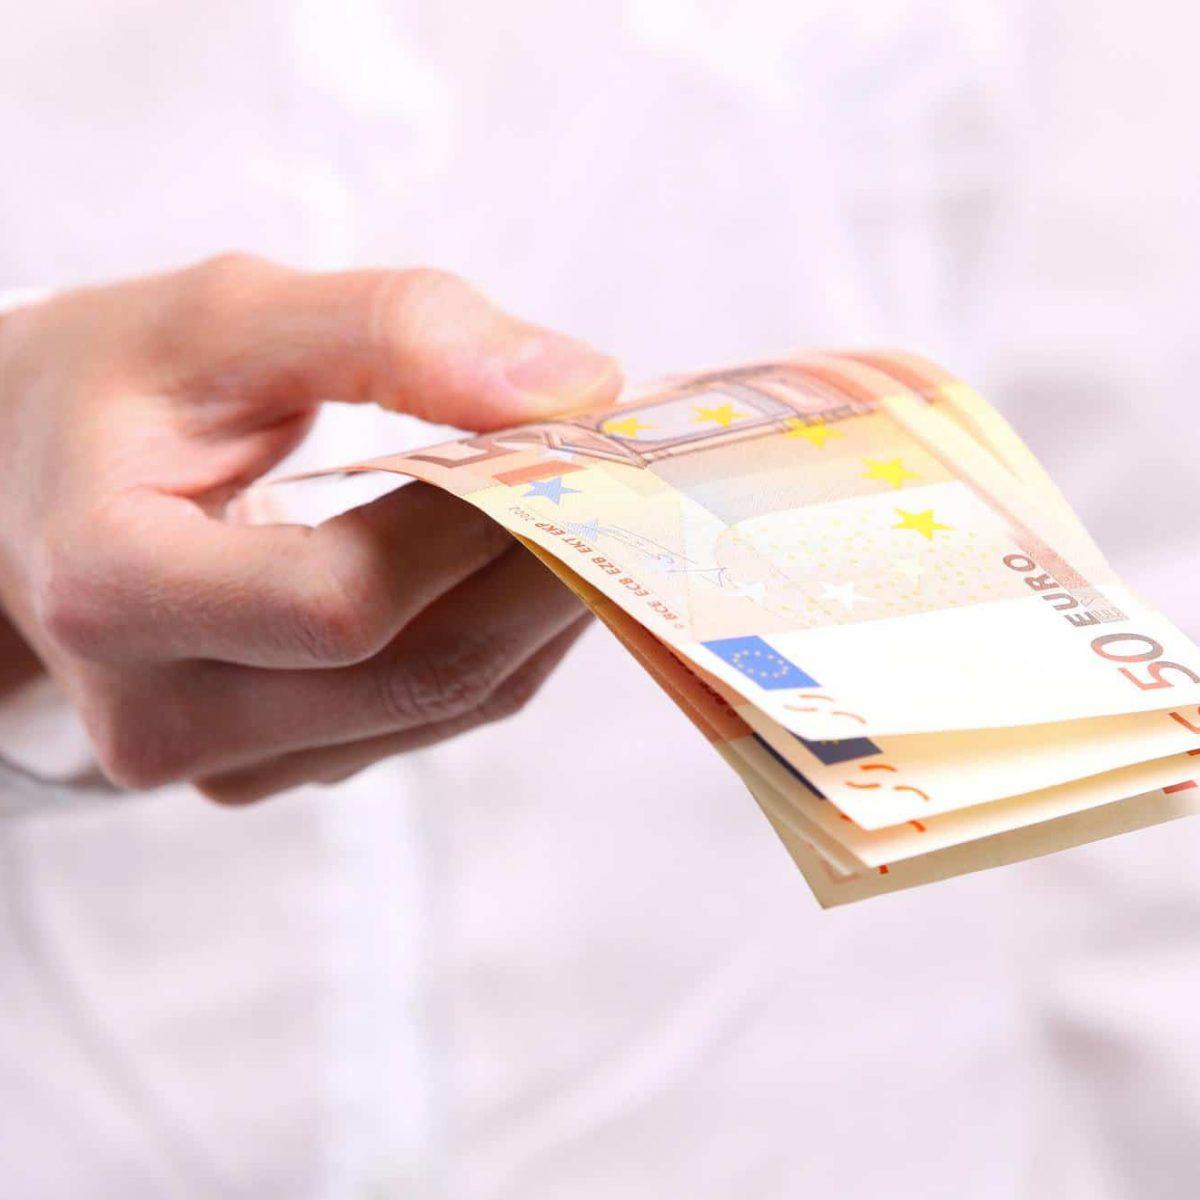 Female hand holding fifty euro banknotes - female hand holding fifty euro banknotes o9s6n0jq2bheao1vviaqqn8c40jv7fnb5h2k9tnug0 - Kosten für eine 24-Stunden Pflegekraft aus Polen 💲